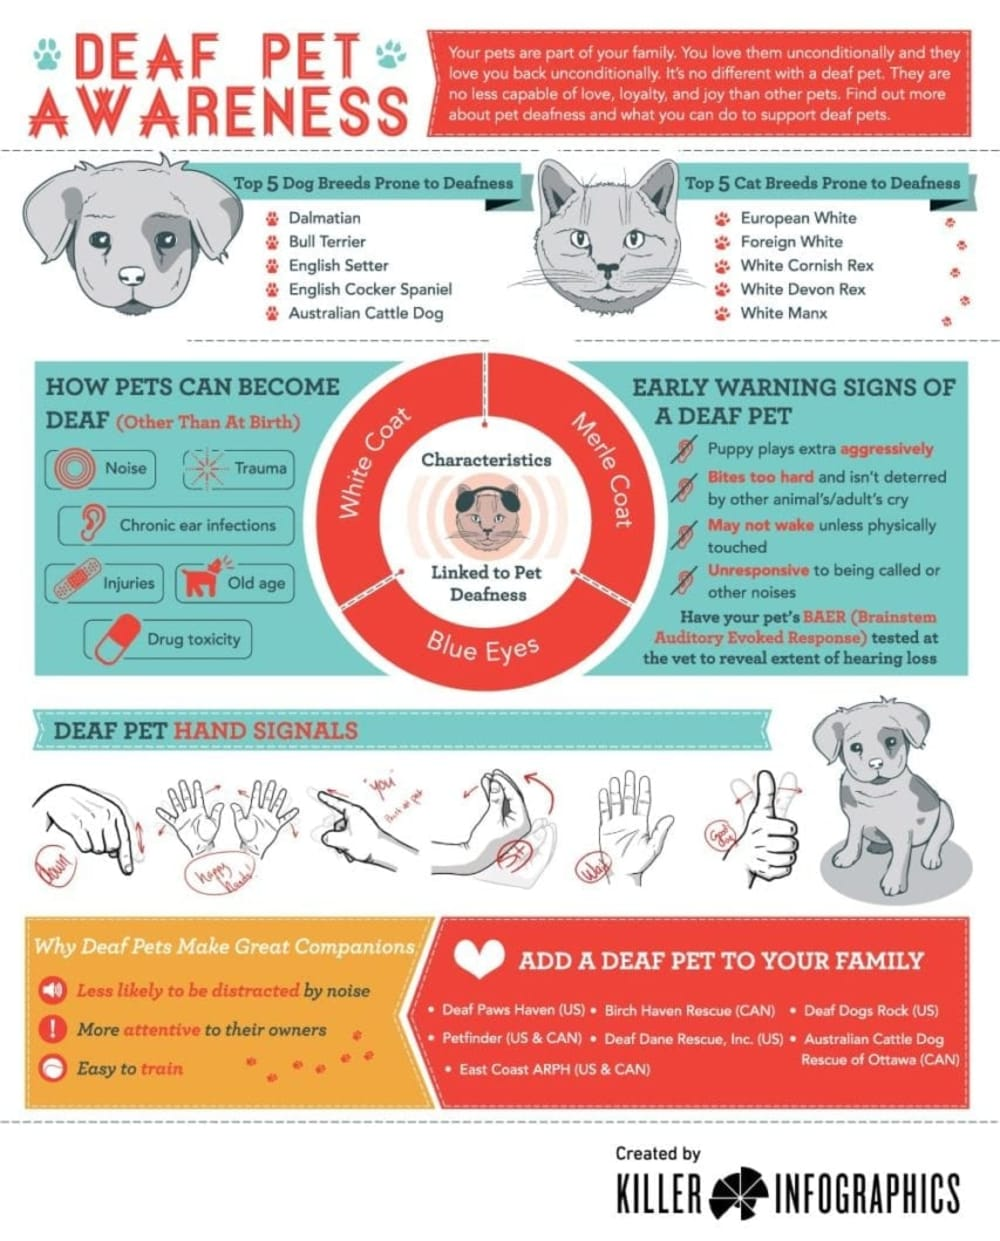 Deaf Pet Awareness Infographic